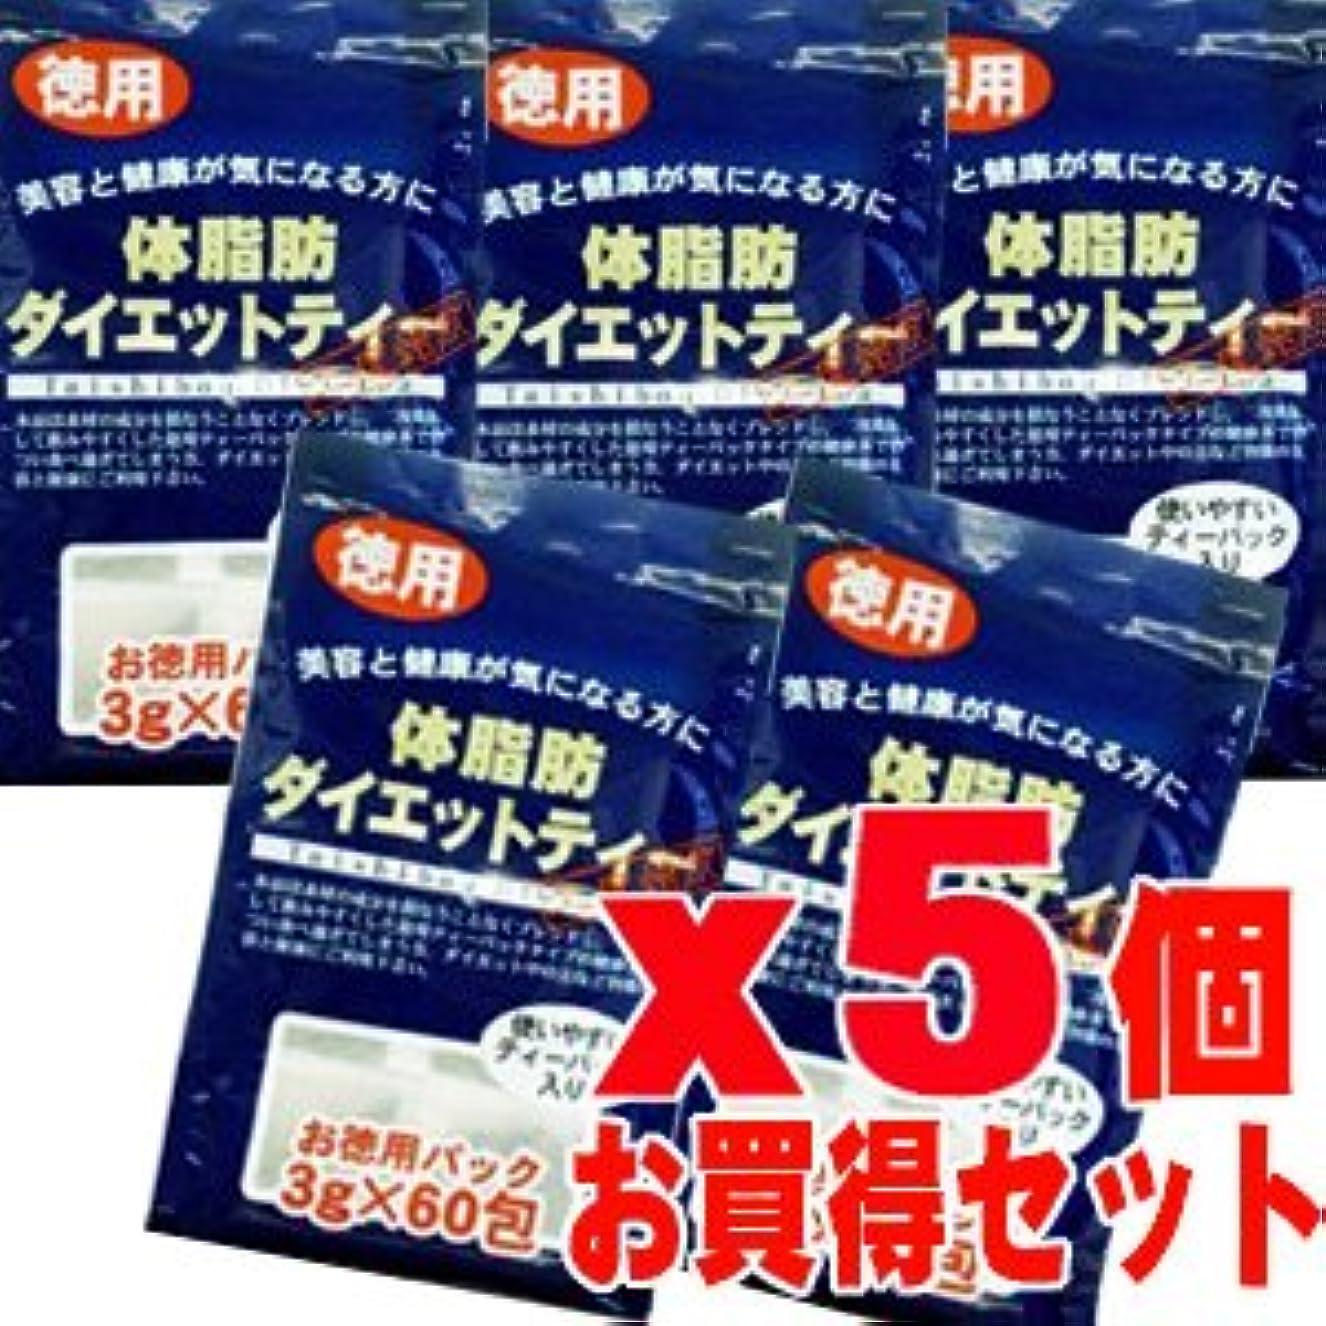 故障中絡み合い基礎ユウキ製薬(株)徳用 体脂肪ダイエットティー5個セット